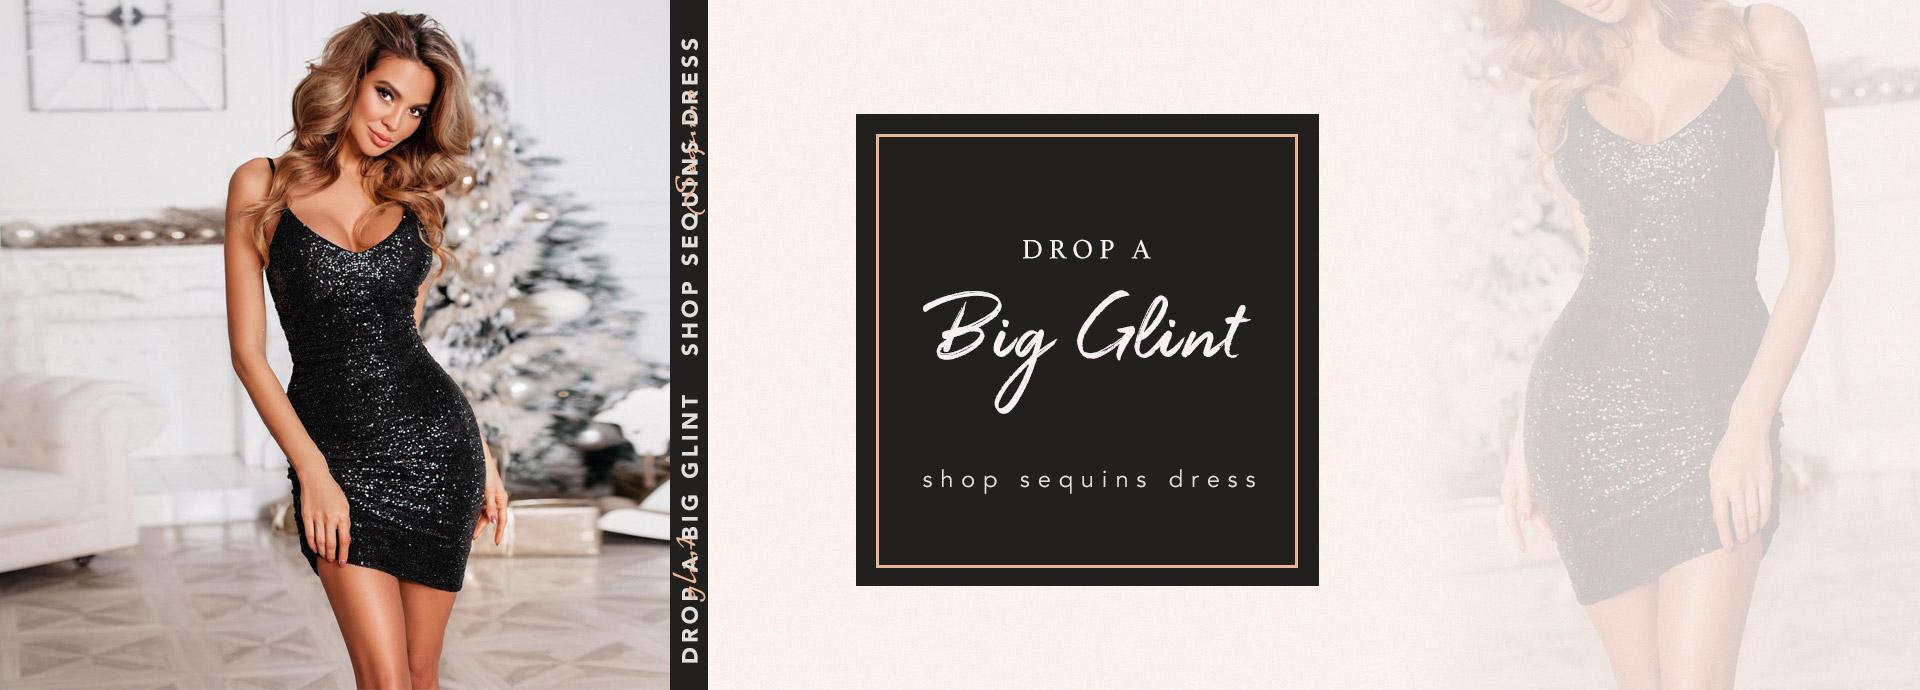 Drop A Big Glint